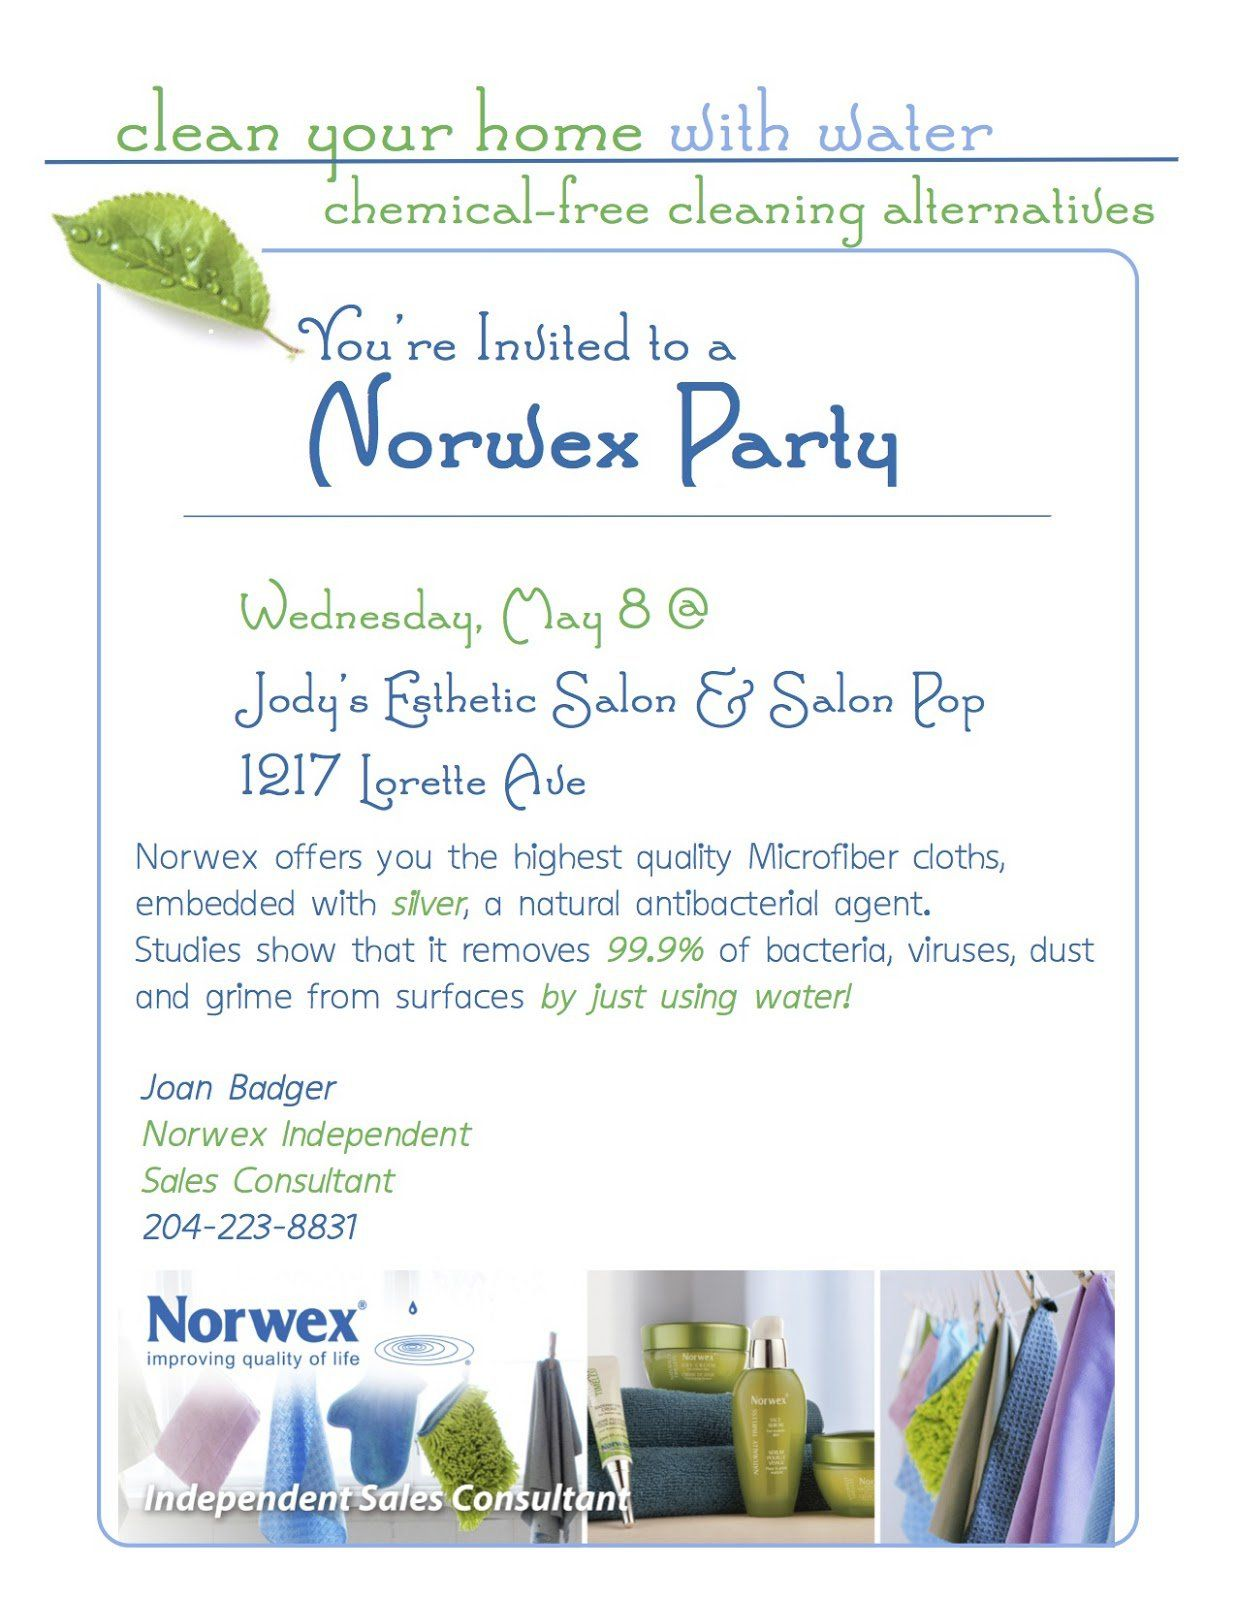 Norwex Invitation Template